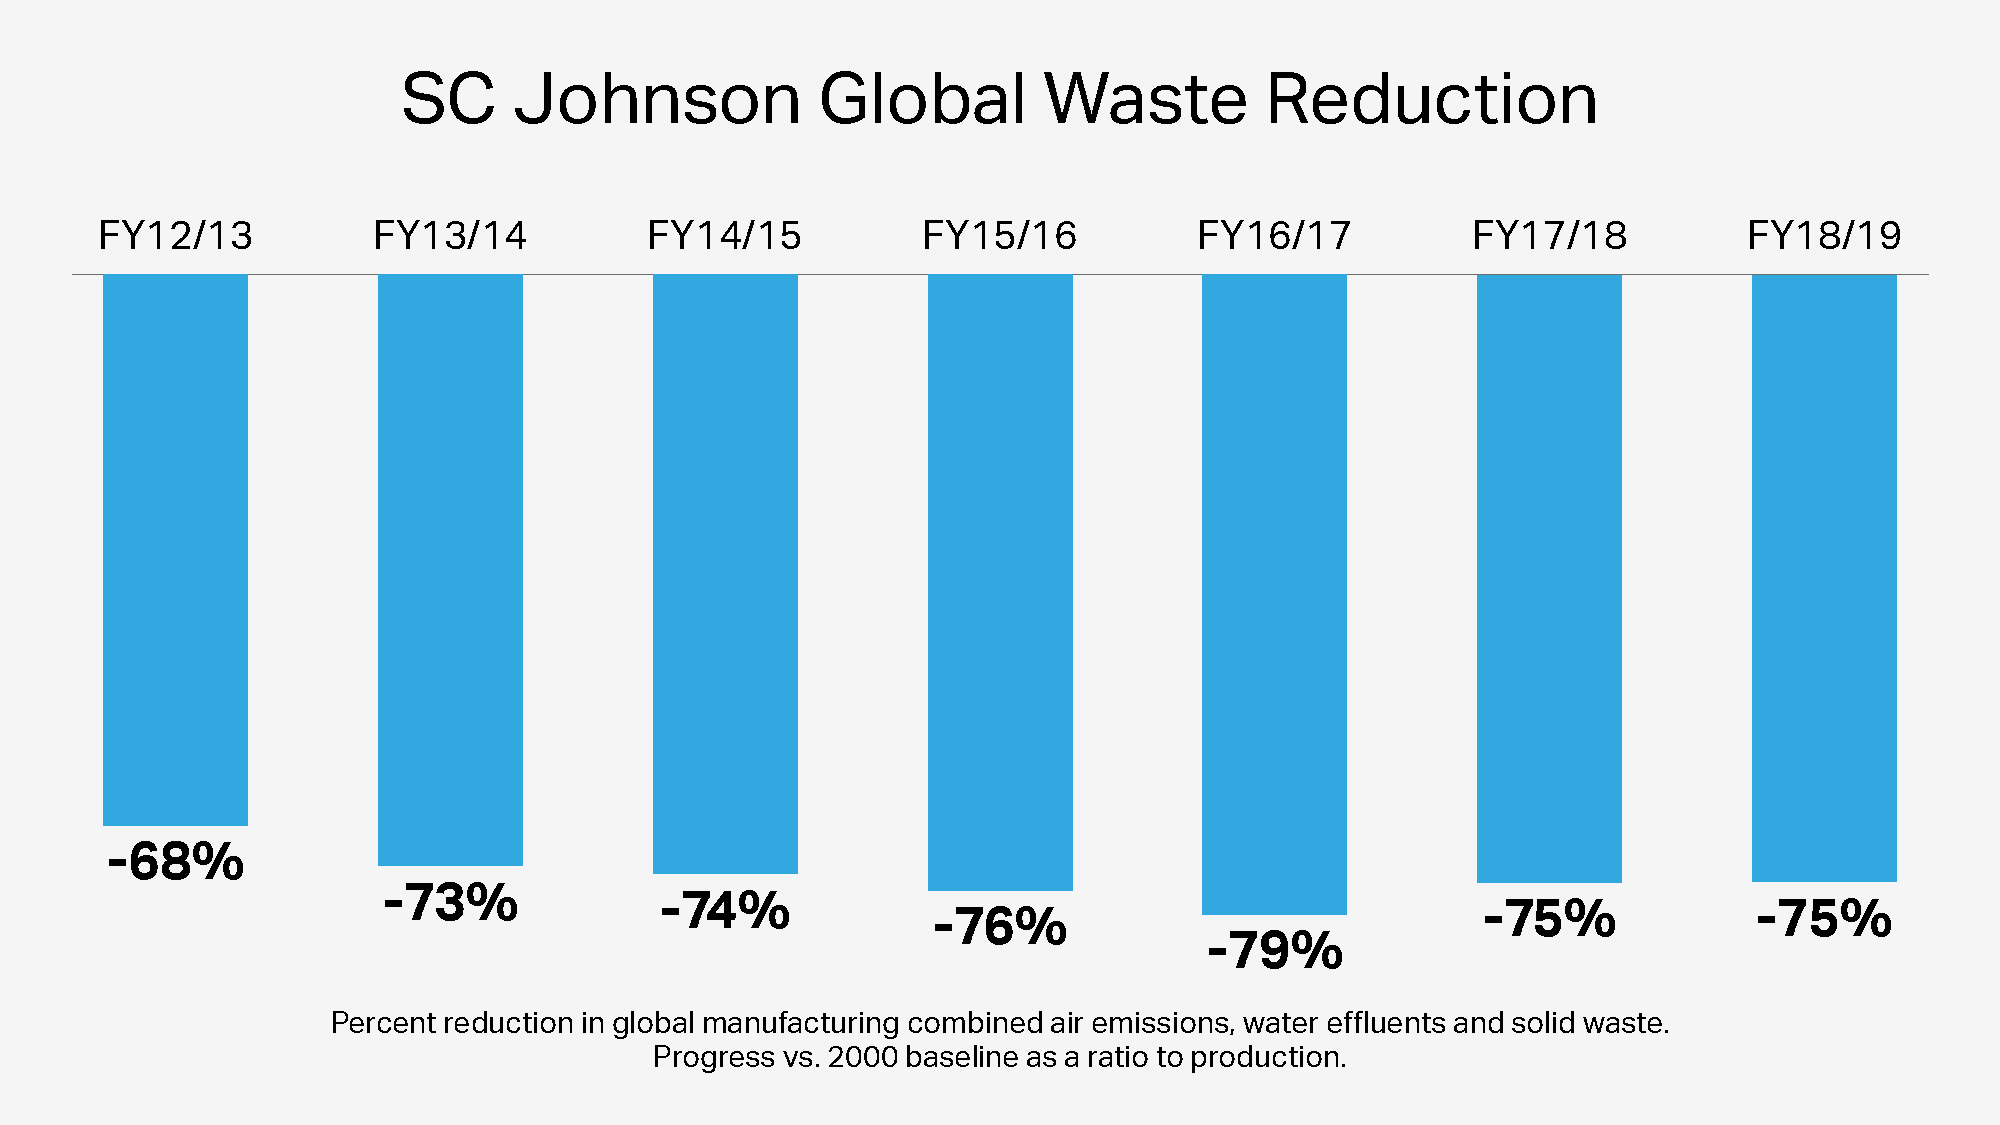 Reducción de residuos globales de SC Johnson a lo largo de los años